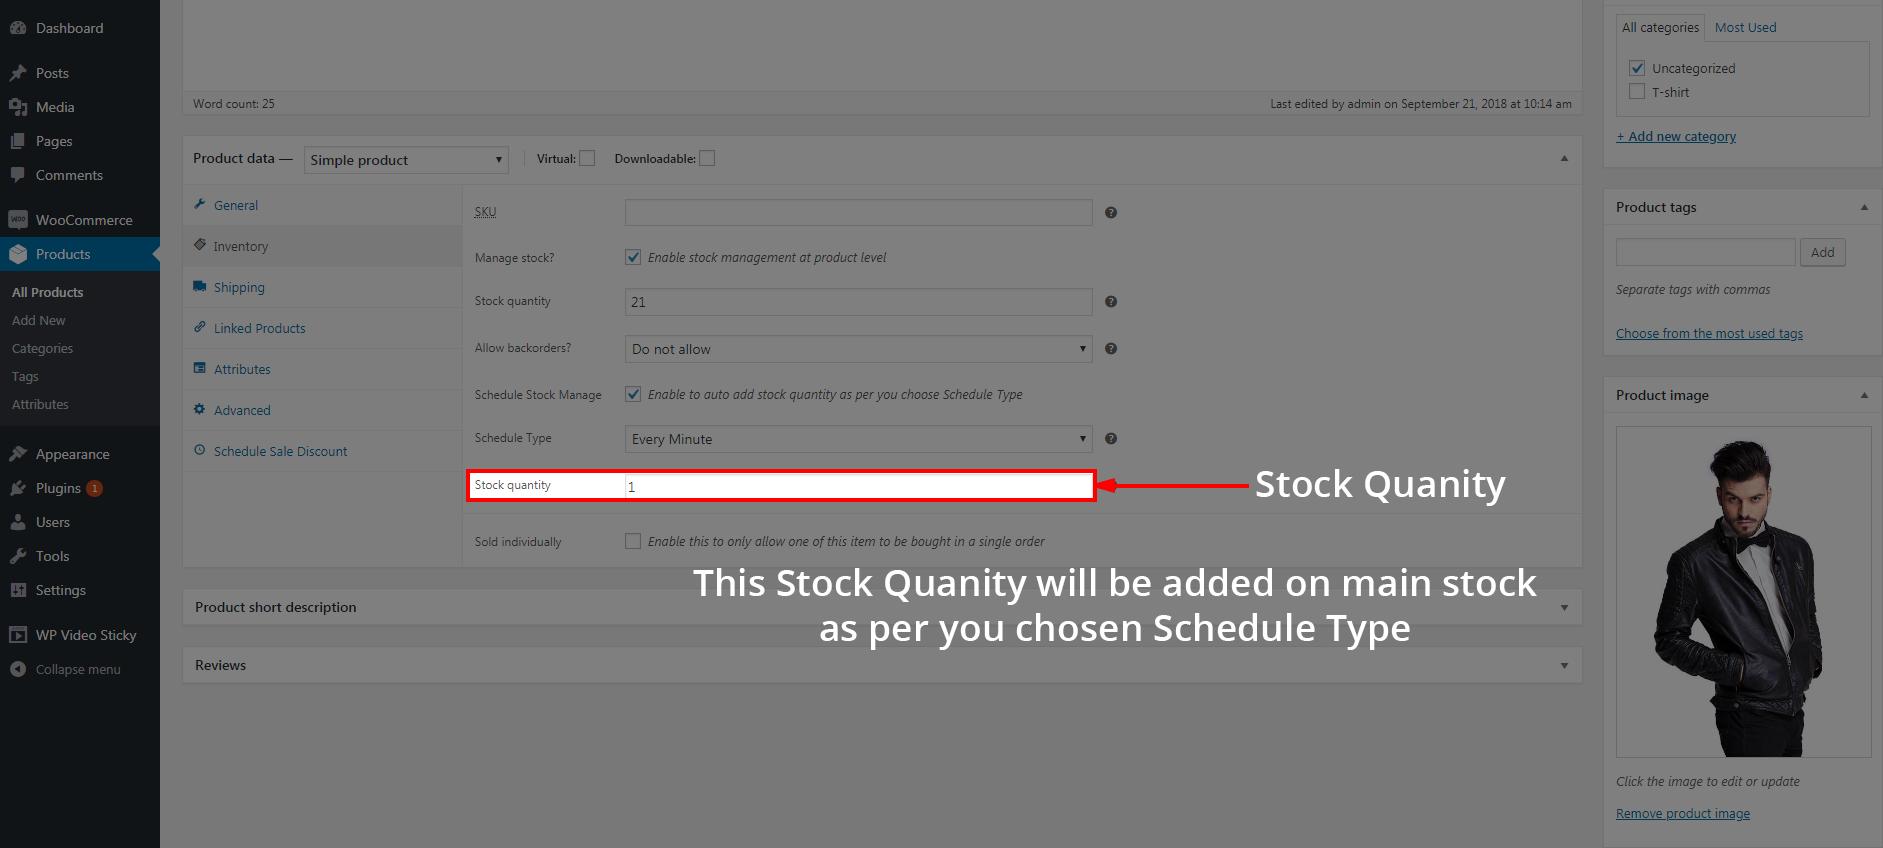 Stock Quantity